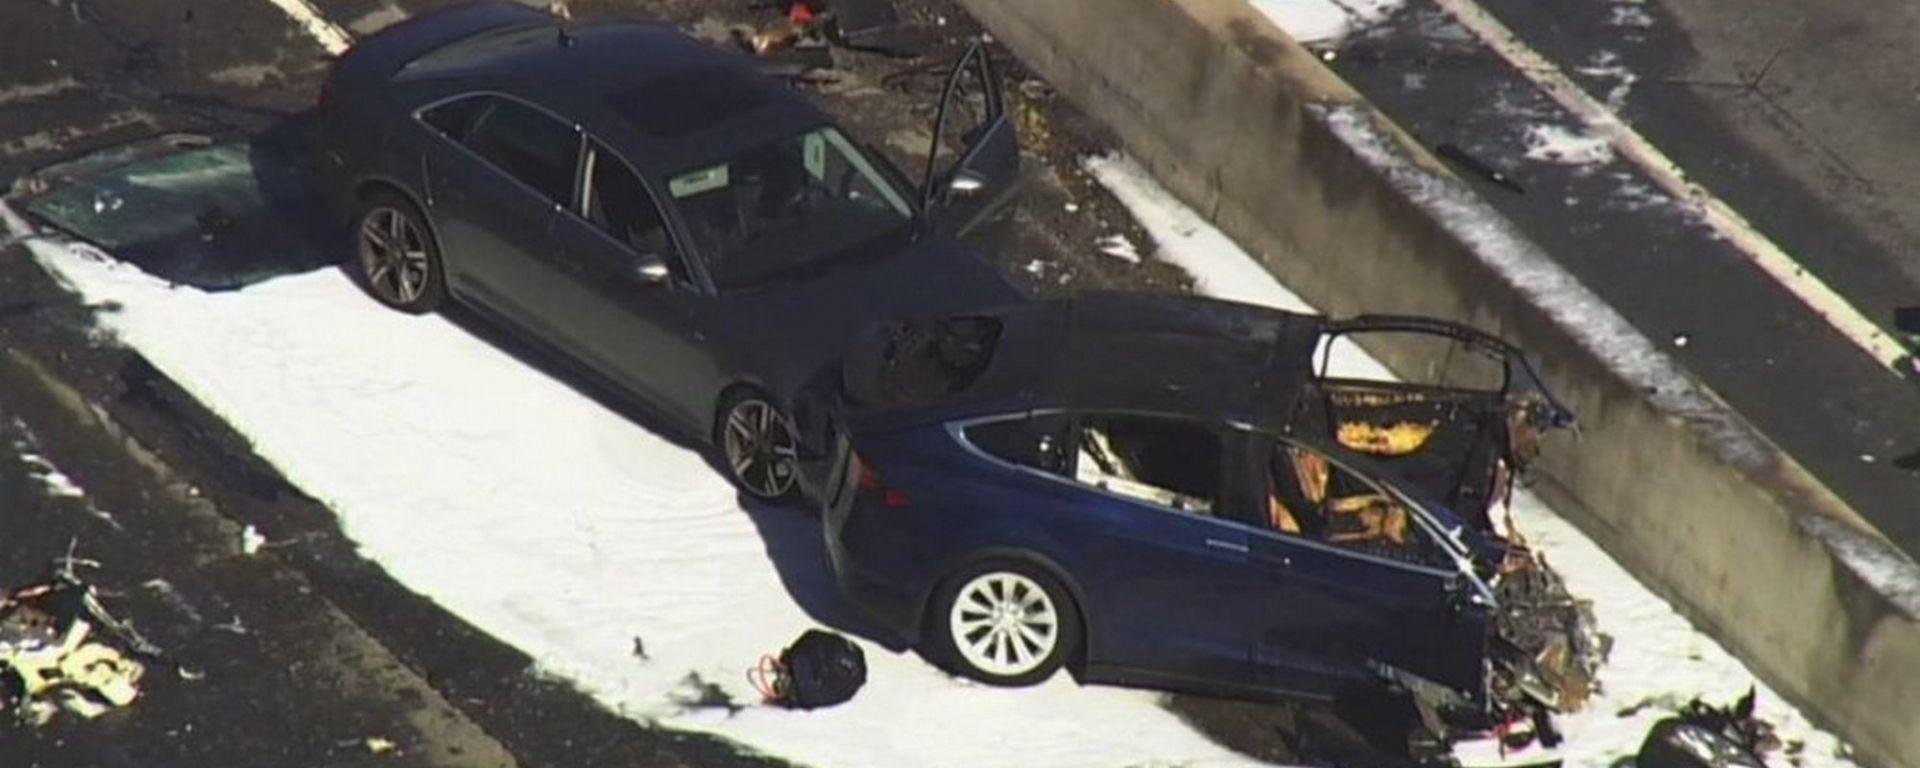 La Tesla Model X distrutta dopo l'impatto col guard rail